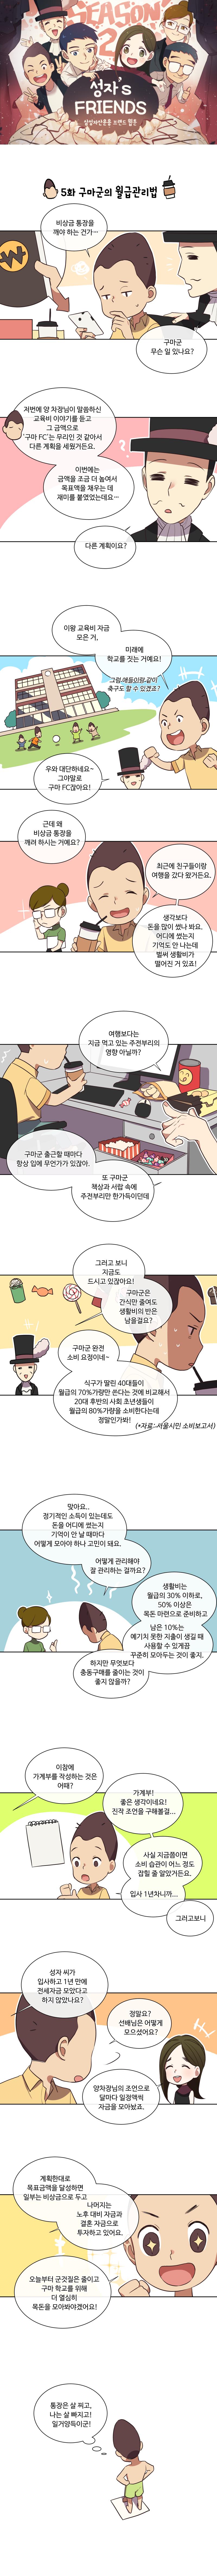 월급관리법 성자's FRIENDS 시즌2 5화 : 구마군의 월급관리  5화 5